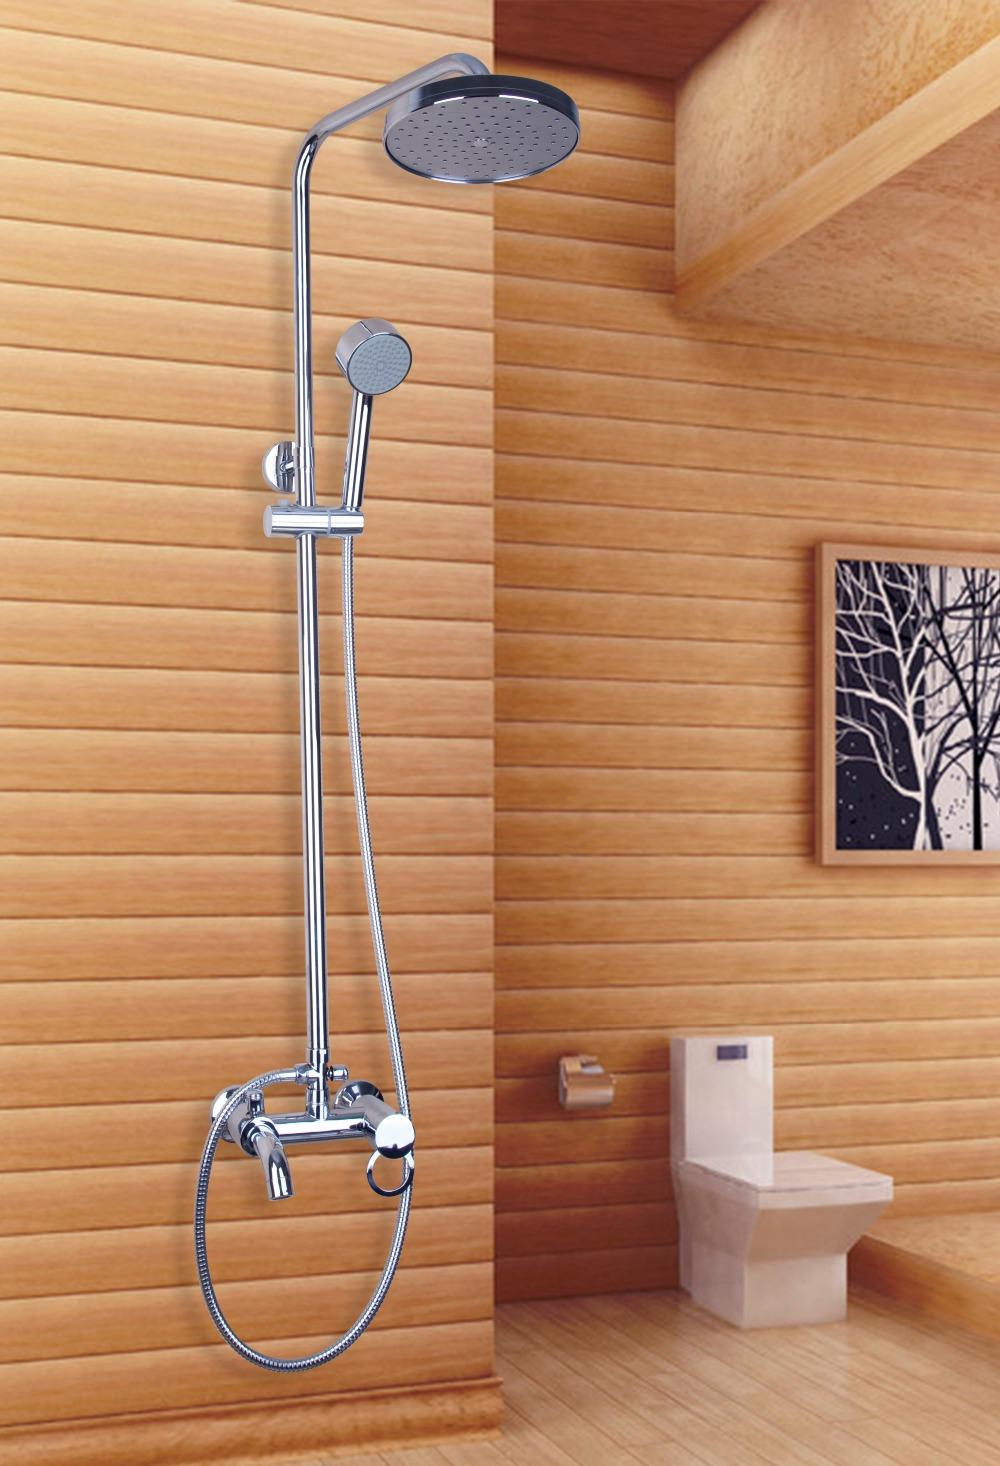 Kran shower minimalis